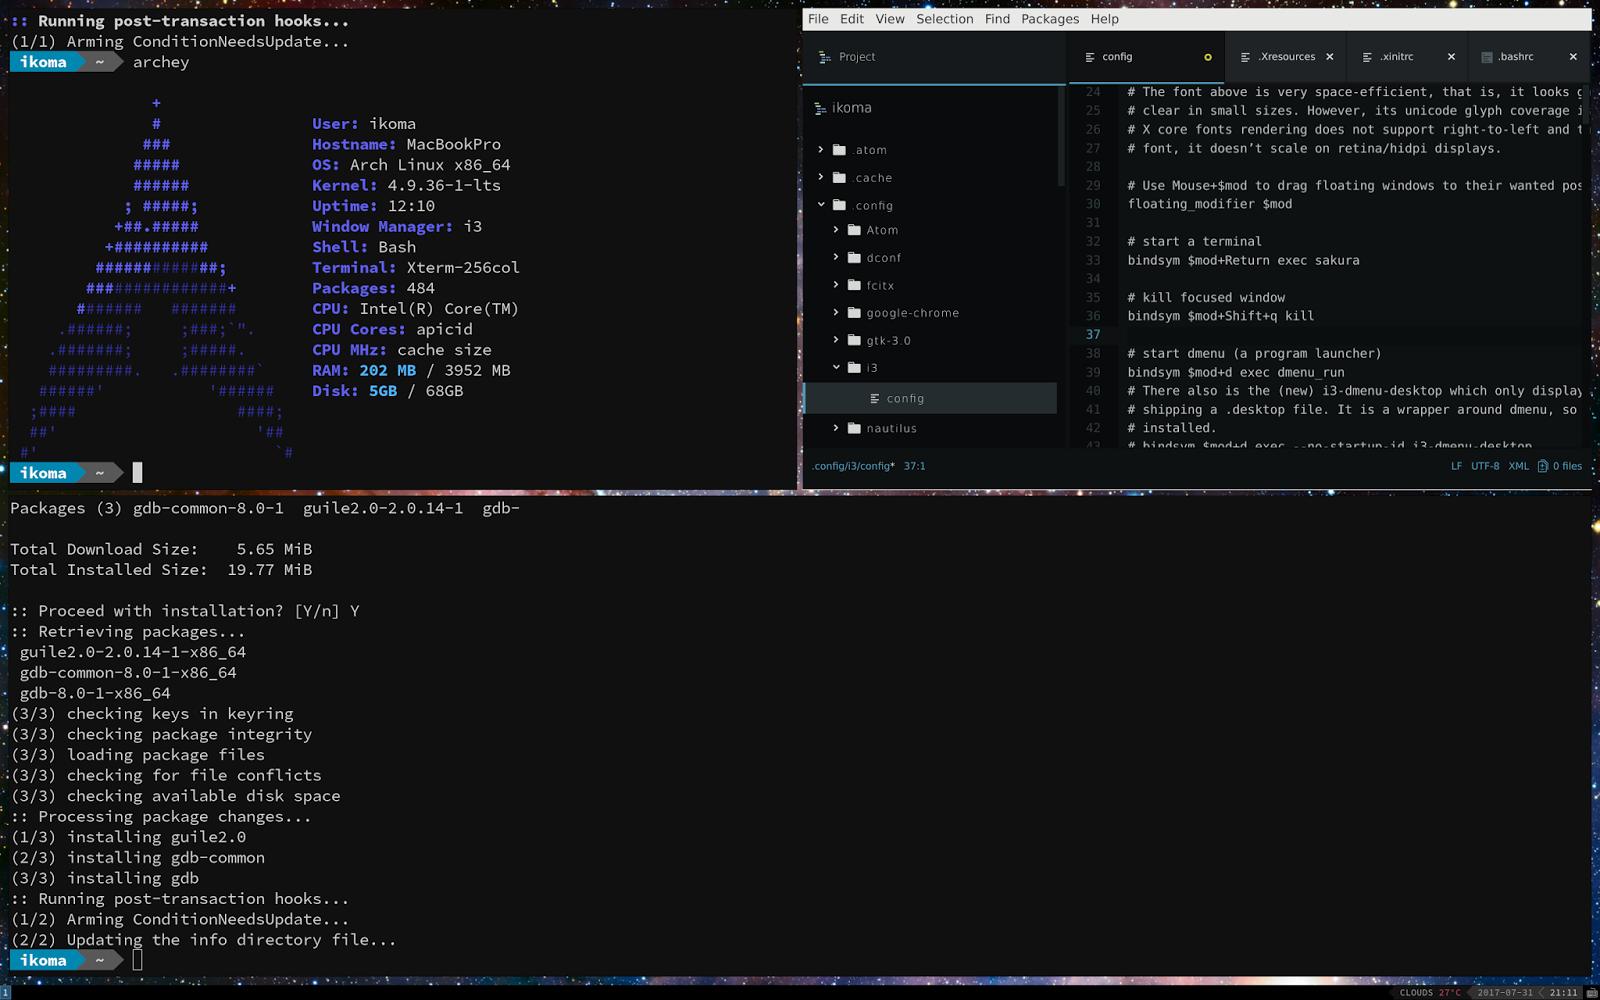 i3wm 厨二感溢れる軽量デスクトップ環境